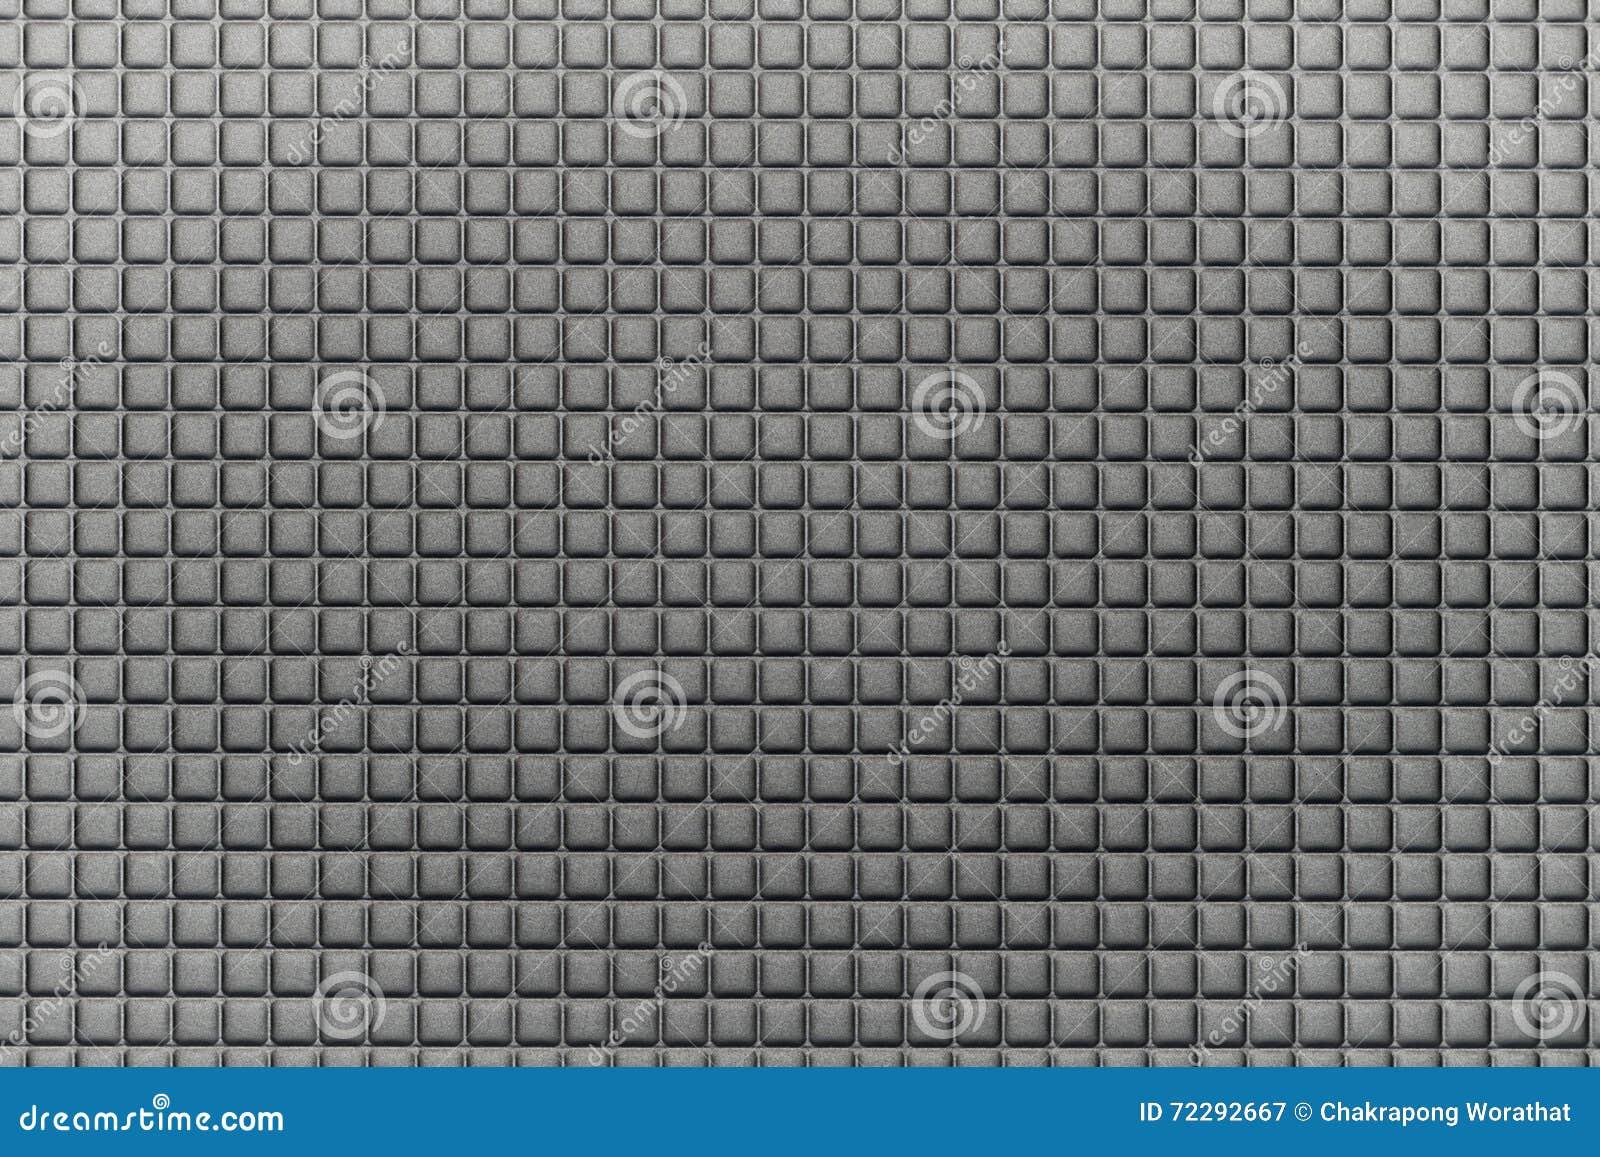 Download Нержавеющая предпосылка текстуры прямоугольника Иллюстрация штока - иллюстрации насчитывающей backhoe, конструкция: 72292667